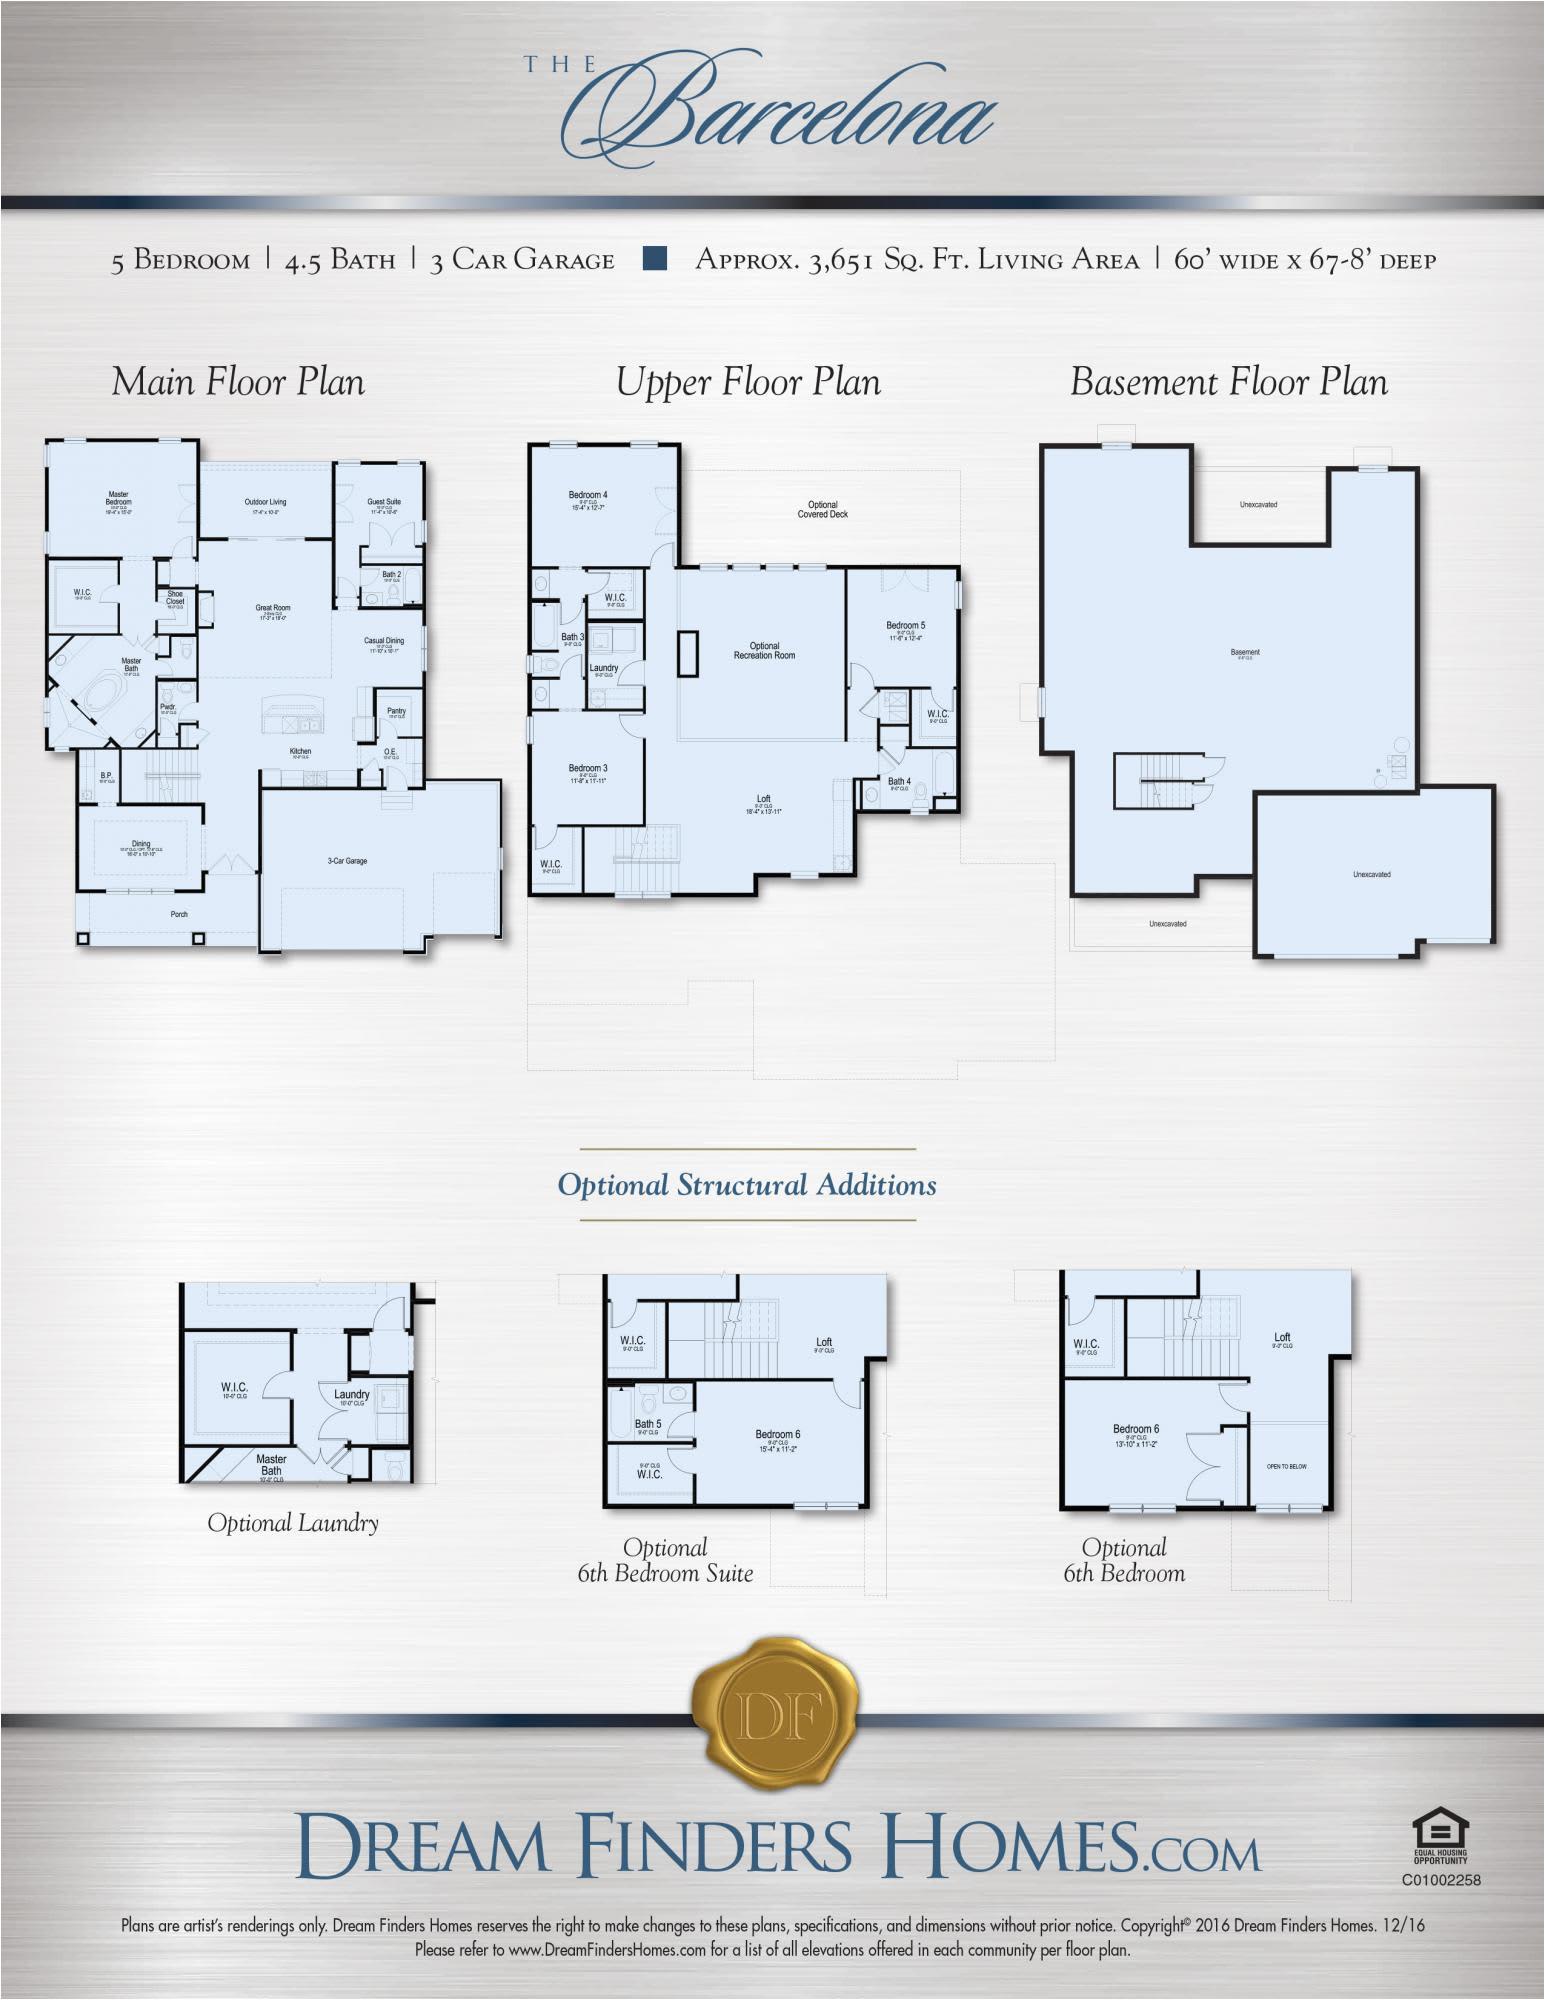 539511551614850 barcelona floor plan colorado texkly jpg